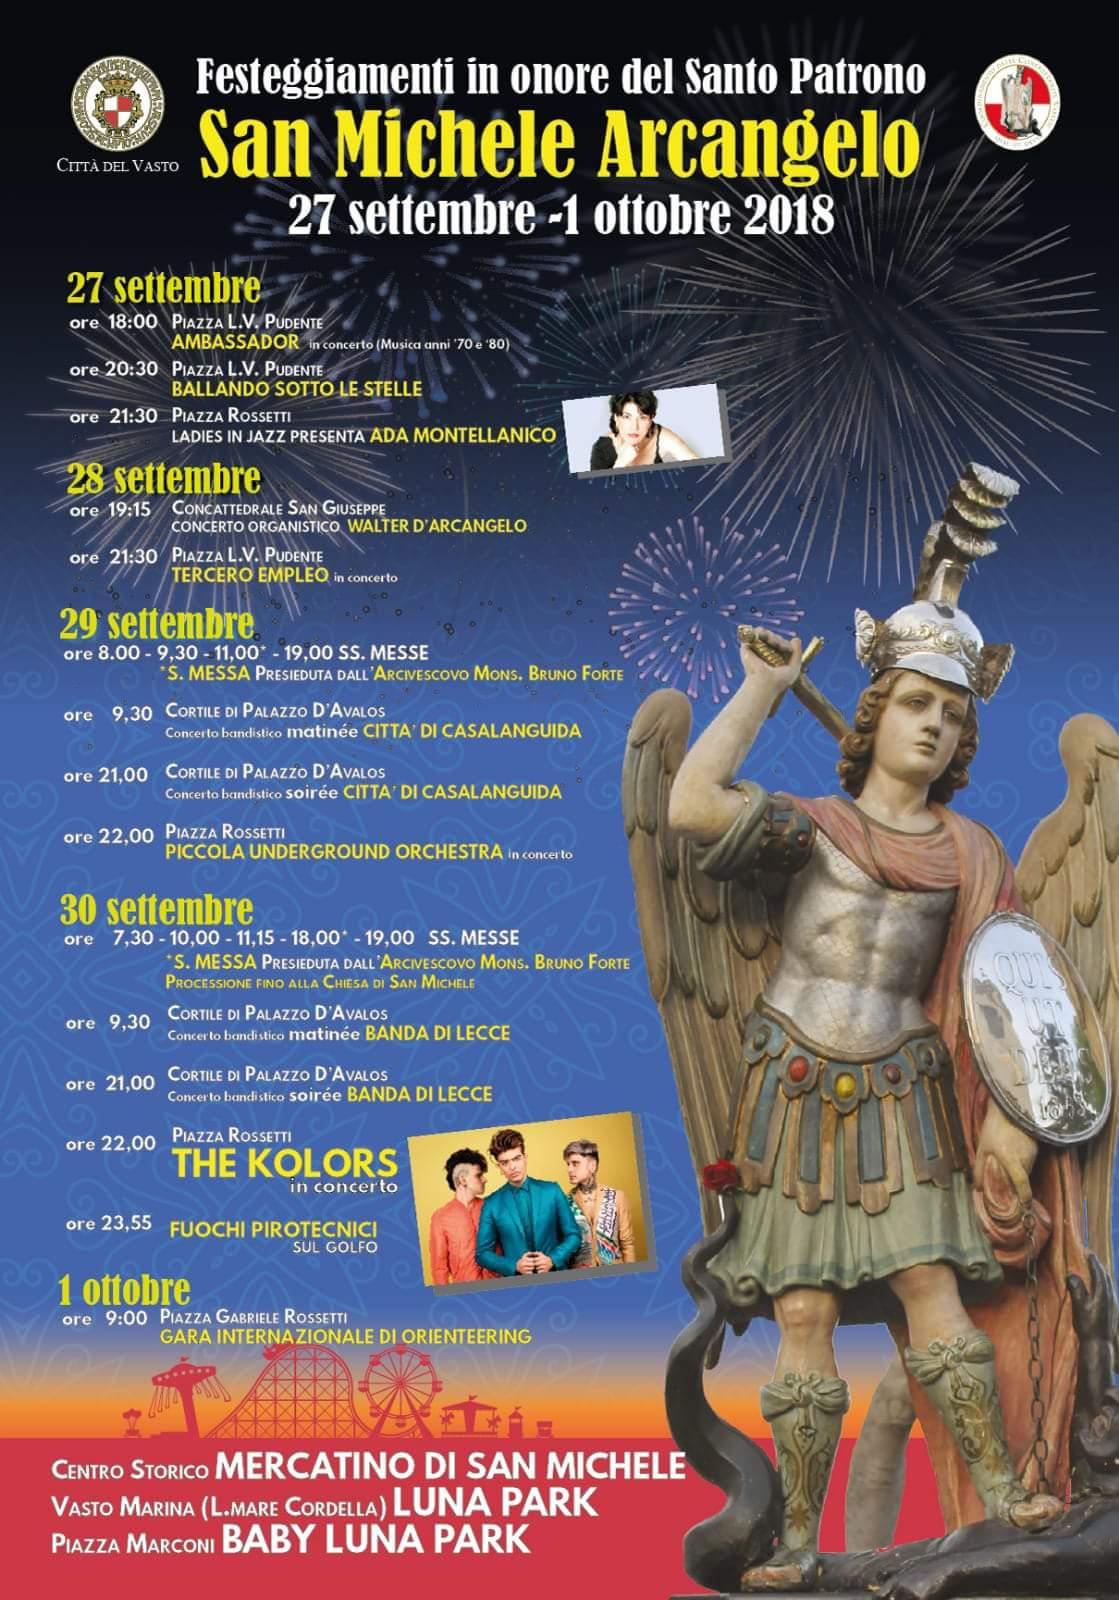 Eventi a Vasto. Festività di San Michele 2018, ecco il calendario completo